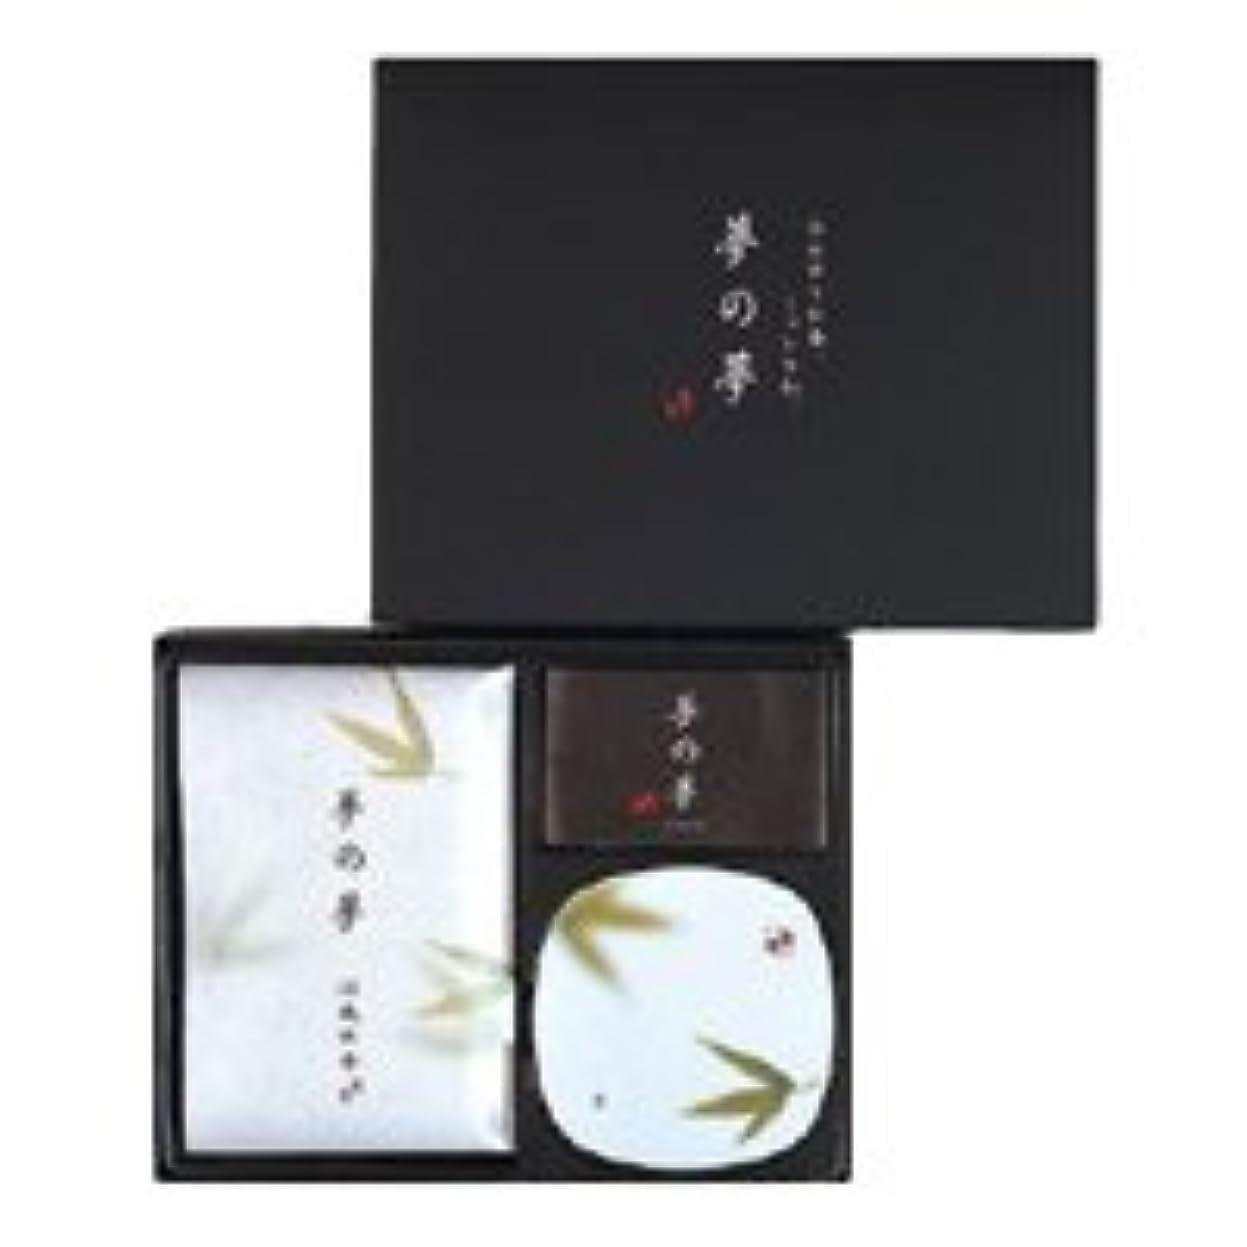 ボイド番目ケント【日本香堂】夢の夢 涼風の香(すずかぜ) お香 ギフト